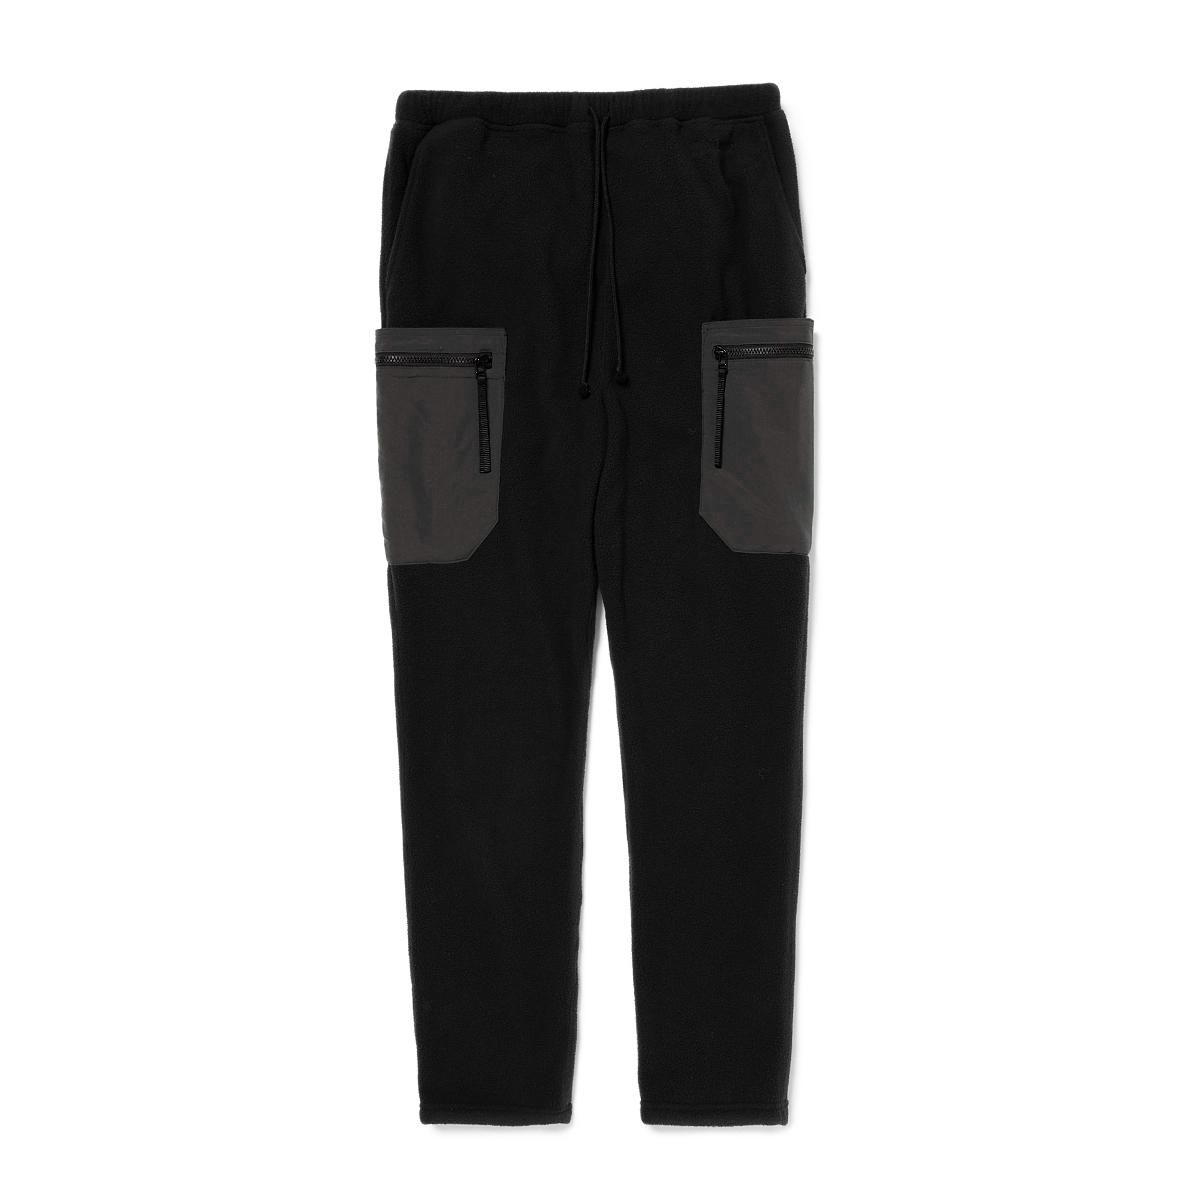 HOBO / POLARTEC® WIND PRO® Fleece Pants (Black)